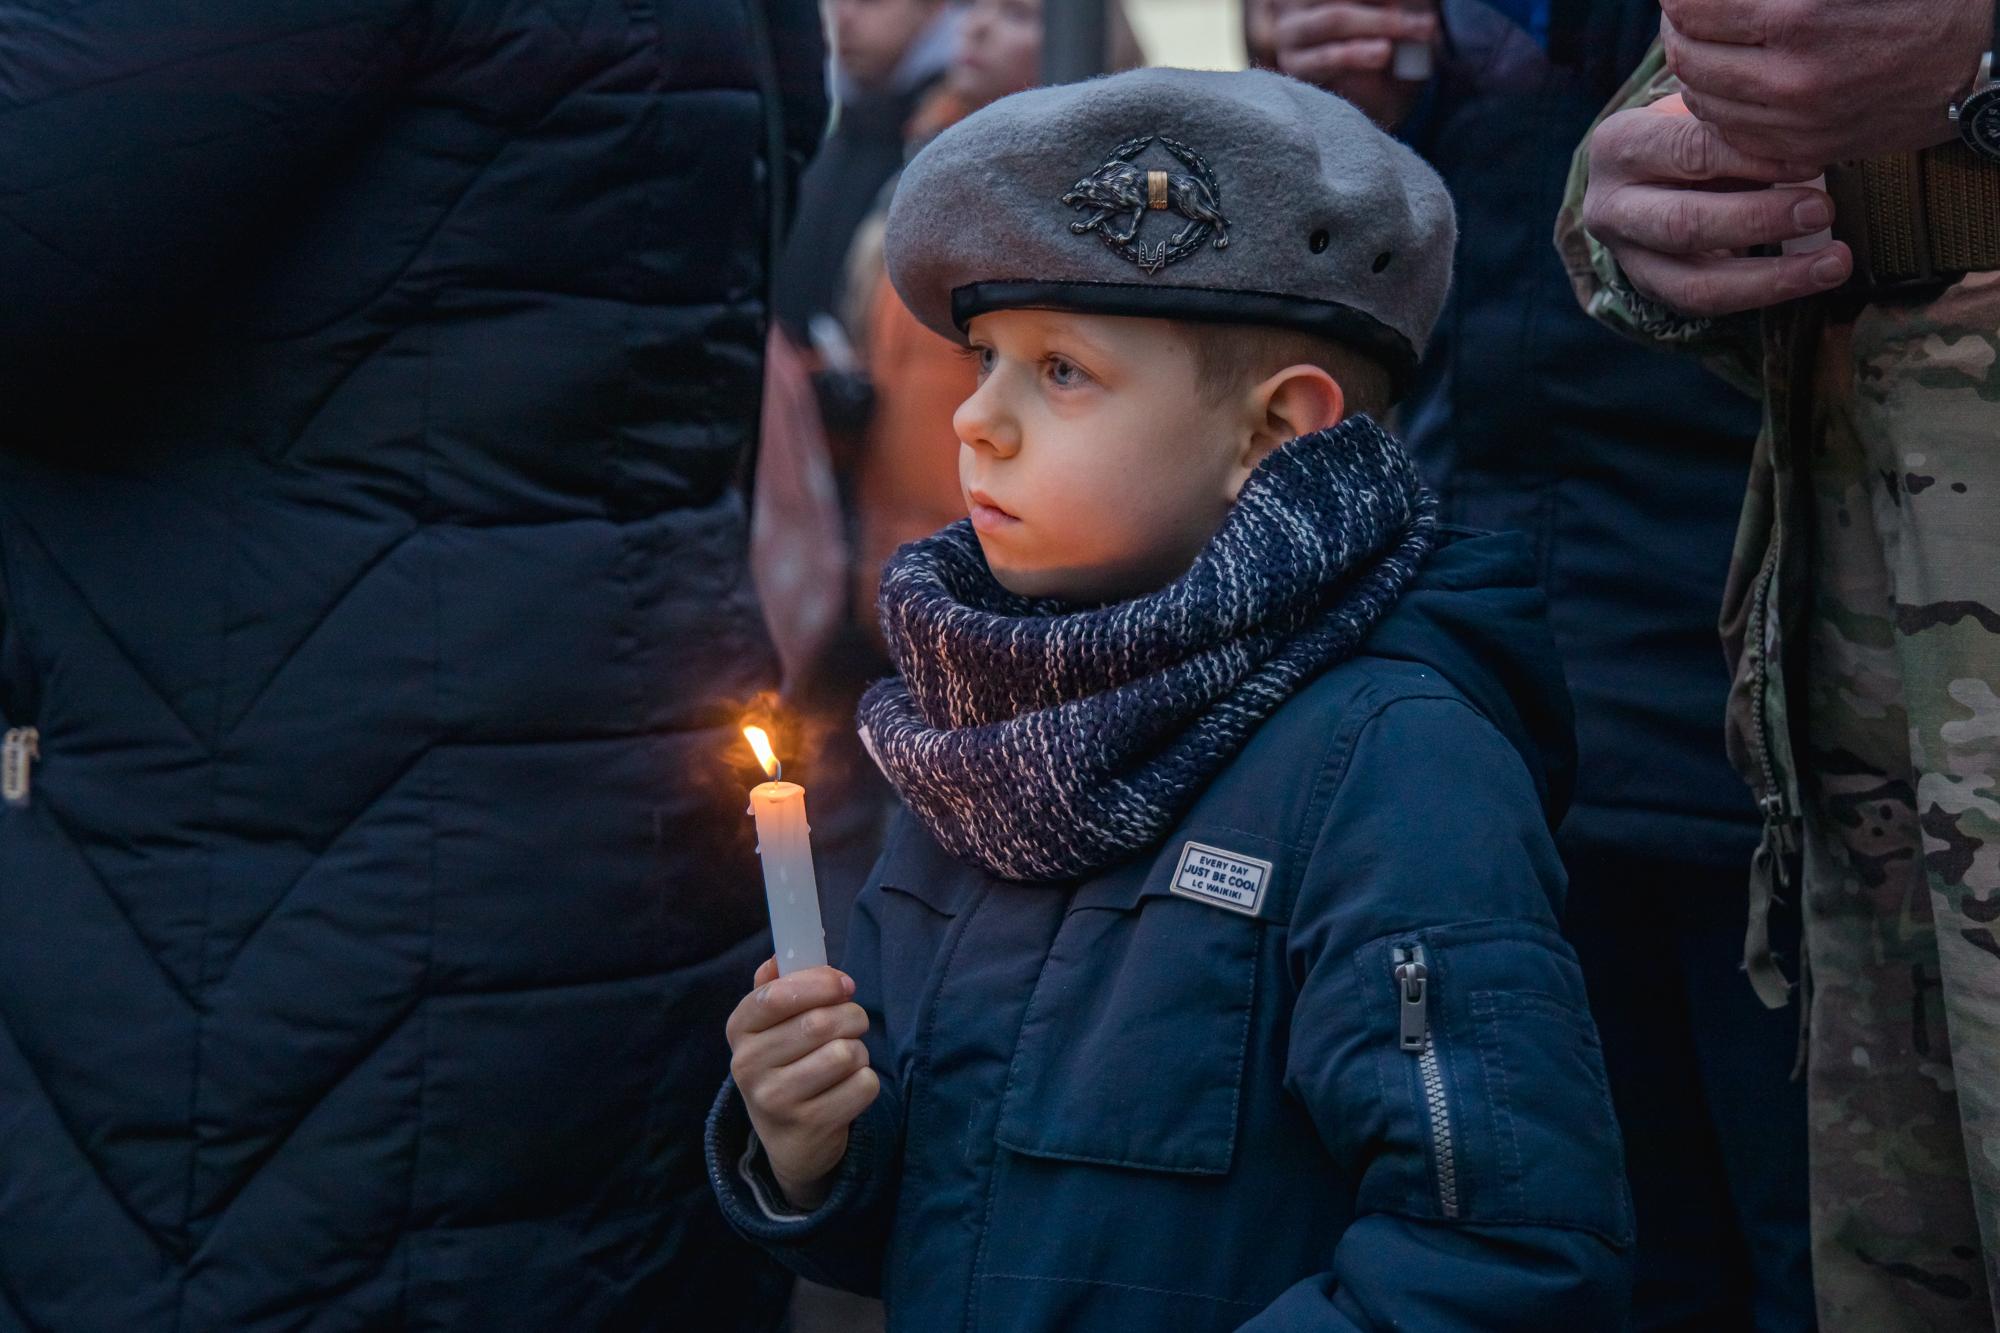 До вшанування бійців долучилися не тільки дорослі, а й діти